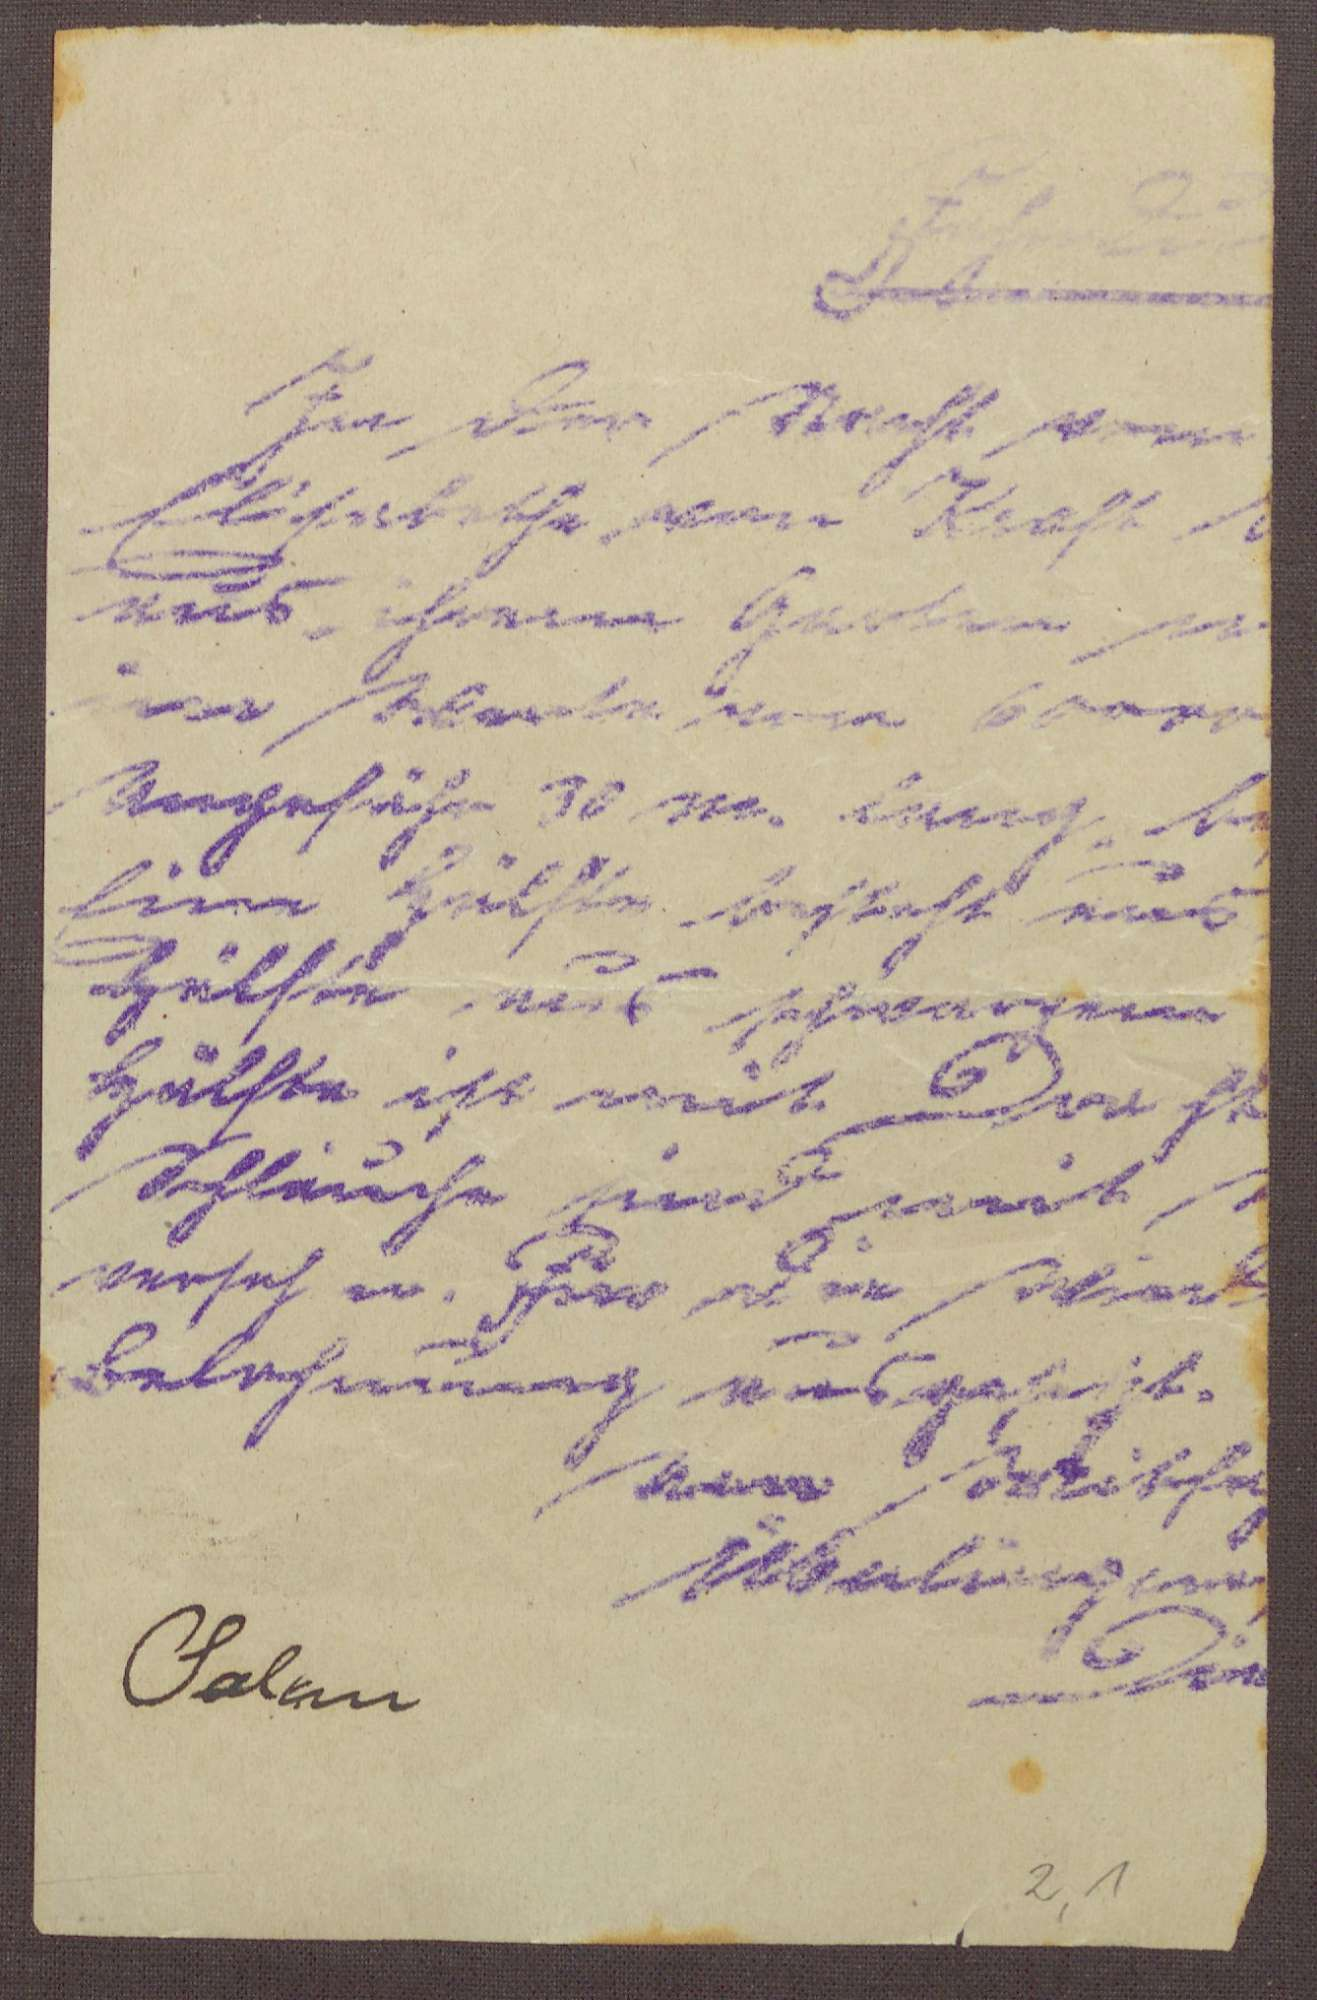 Notizen zu möglichen Tätern des kommunistischen Überfalls bei Pfullendorf und dem Flurschutz, Bild 1